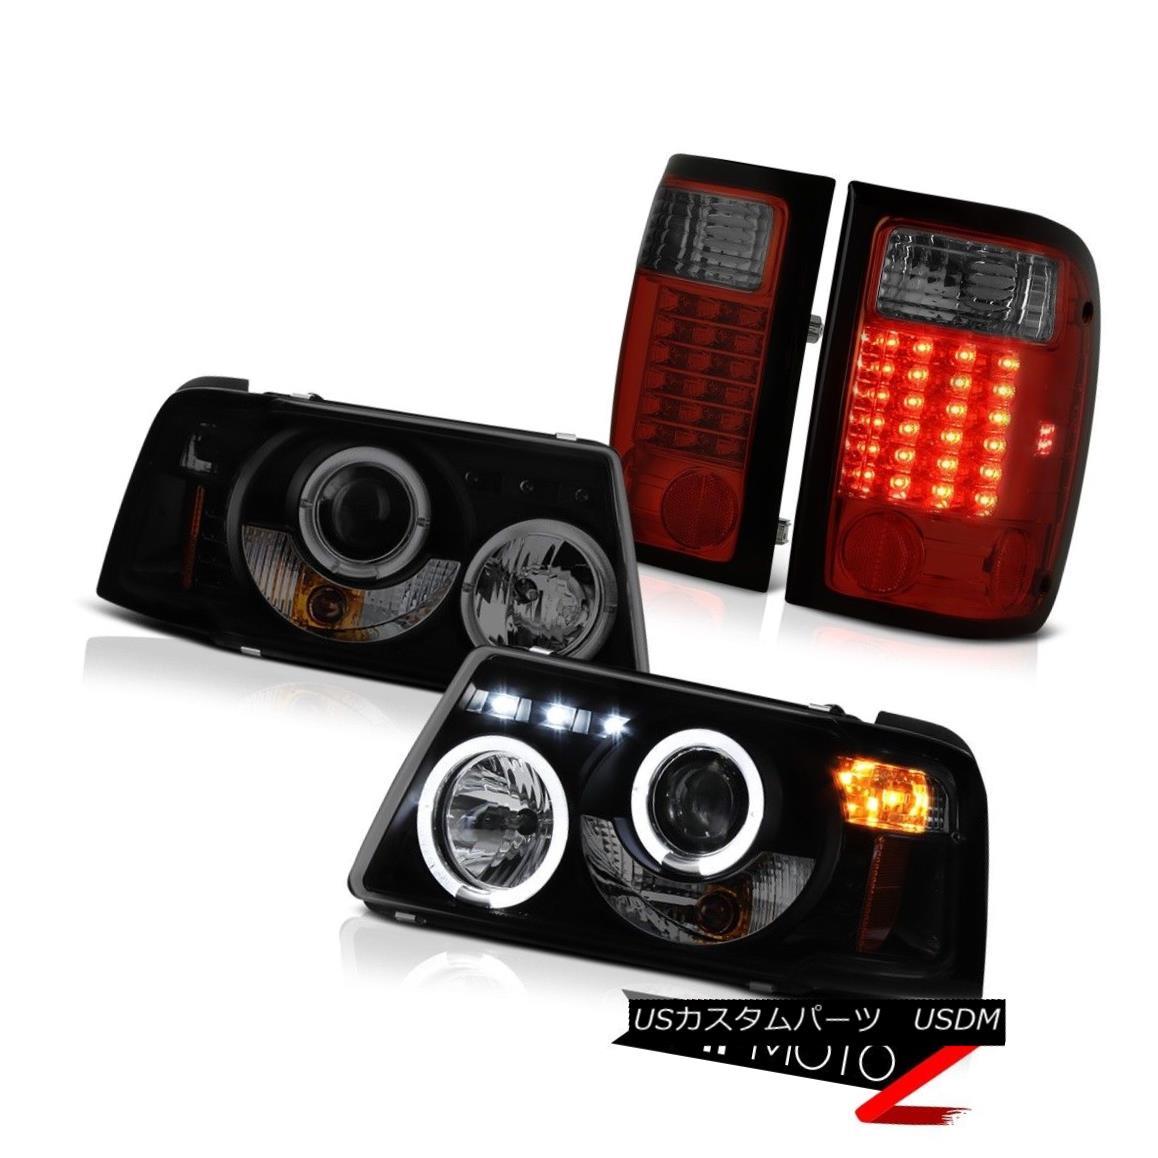 テールライト Projector Angel Eye Headlights Cherry Red Tail Lights 2001-2011 Ford Ranger XLT プロジェクターエンジェルアイヘッドライトチェリーレッドテールライト2001-2011 Ford Ranger XLT